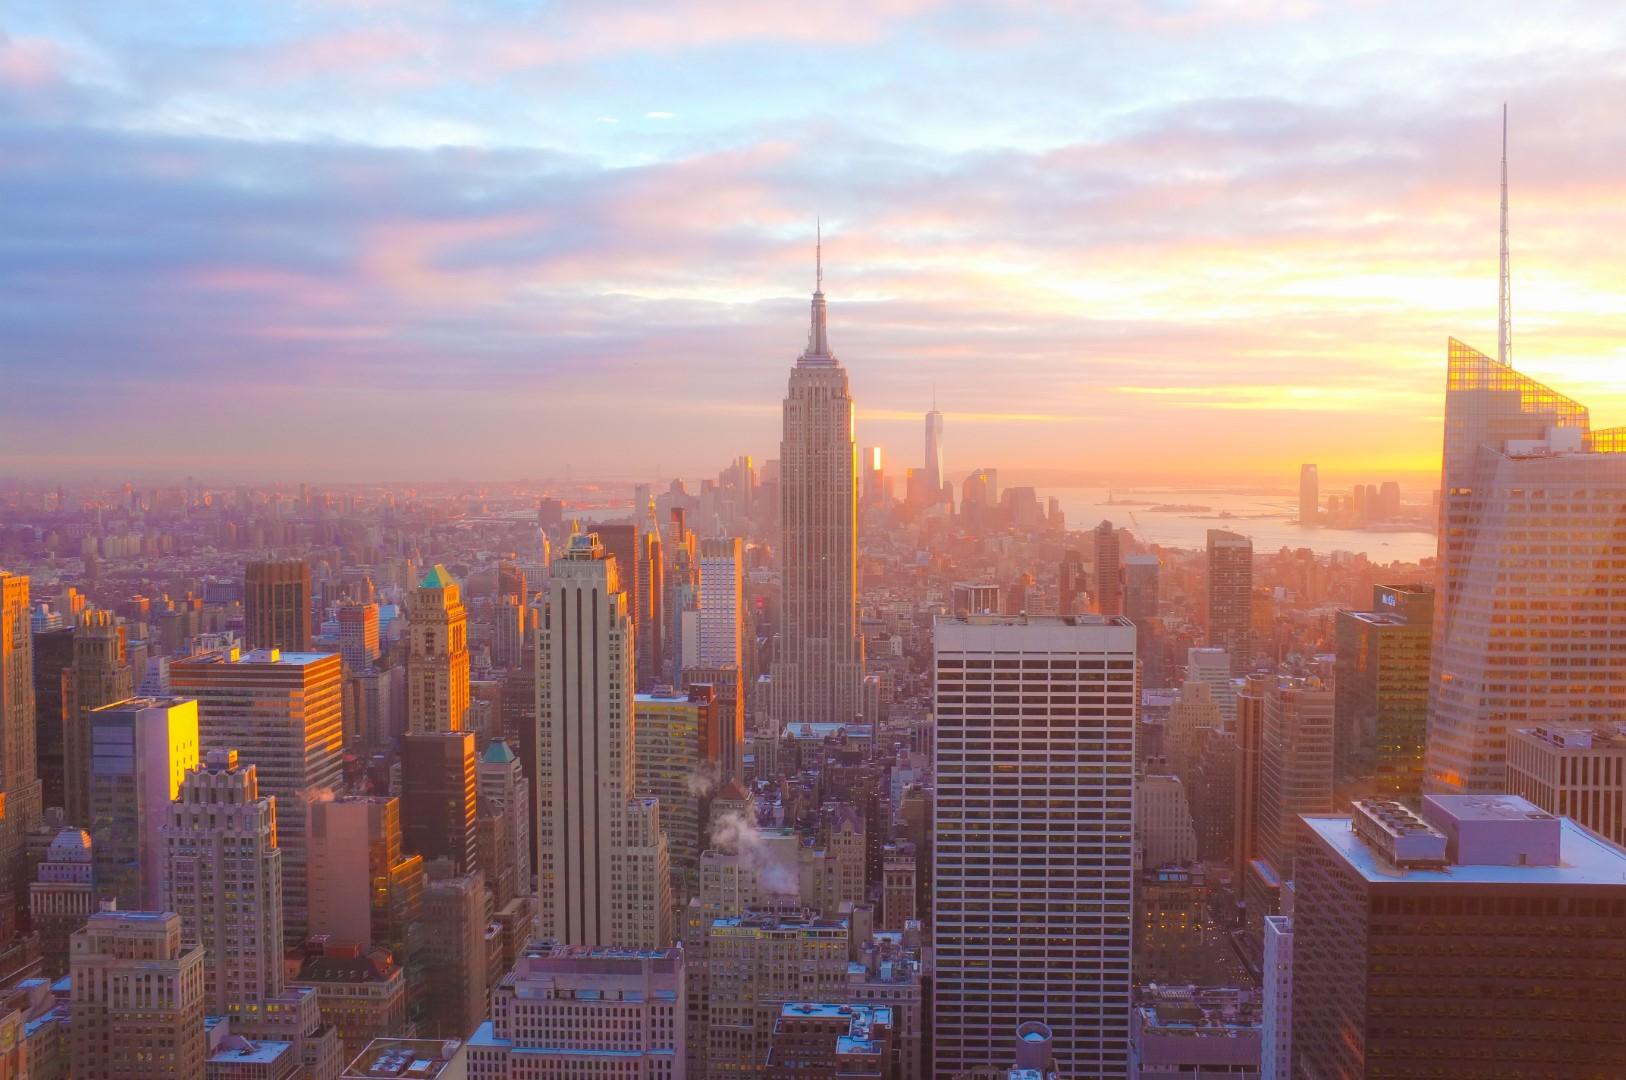 Flug-Deal: New York mit Baby zur Weihnachtszeit für 314 Euro